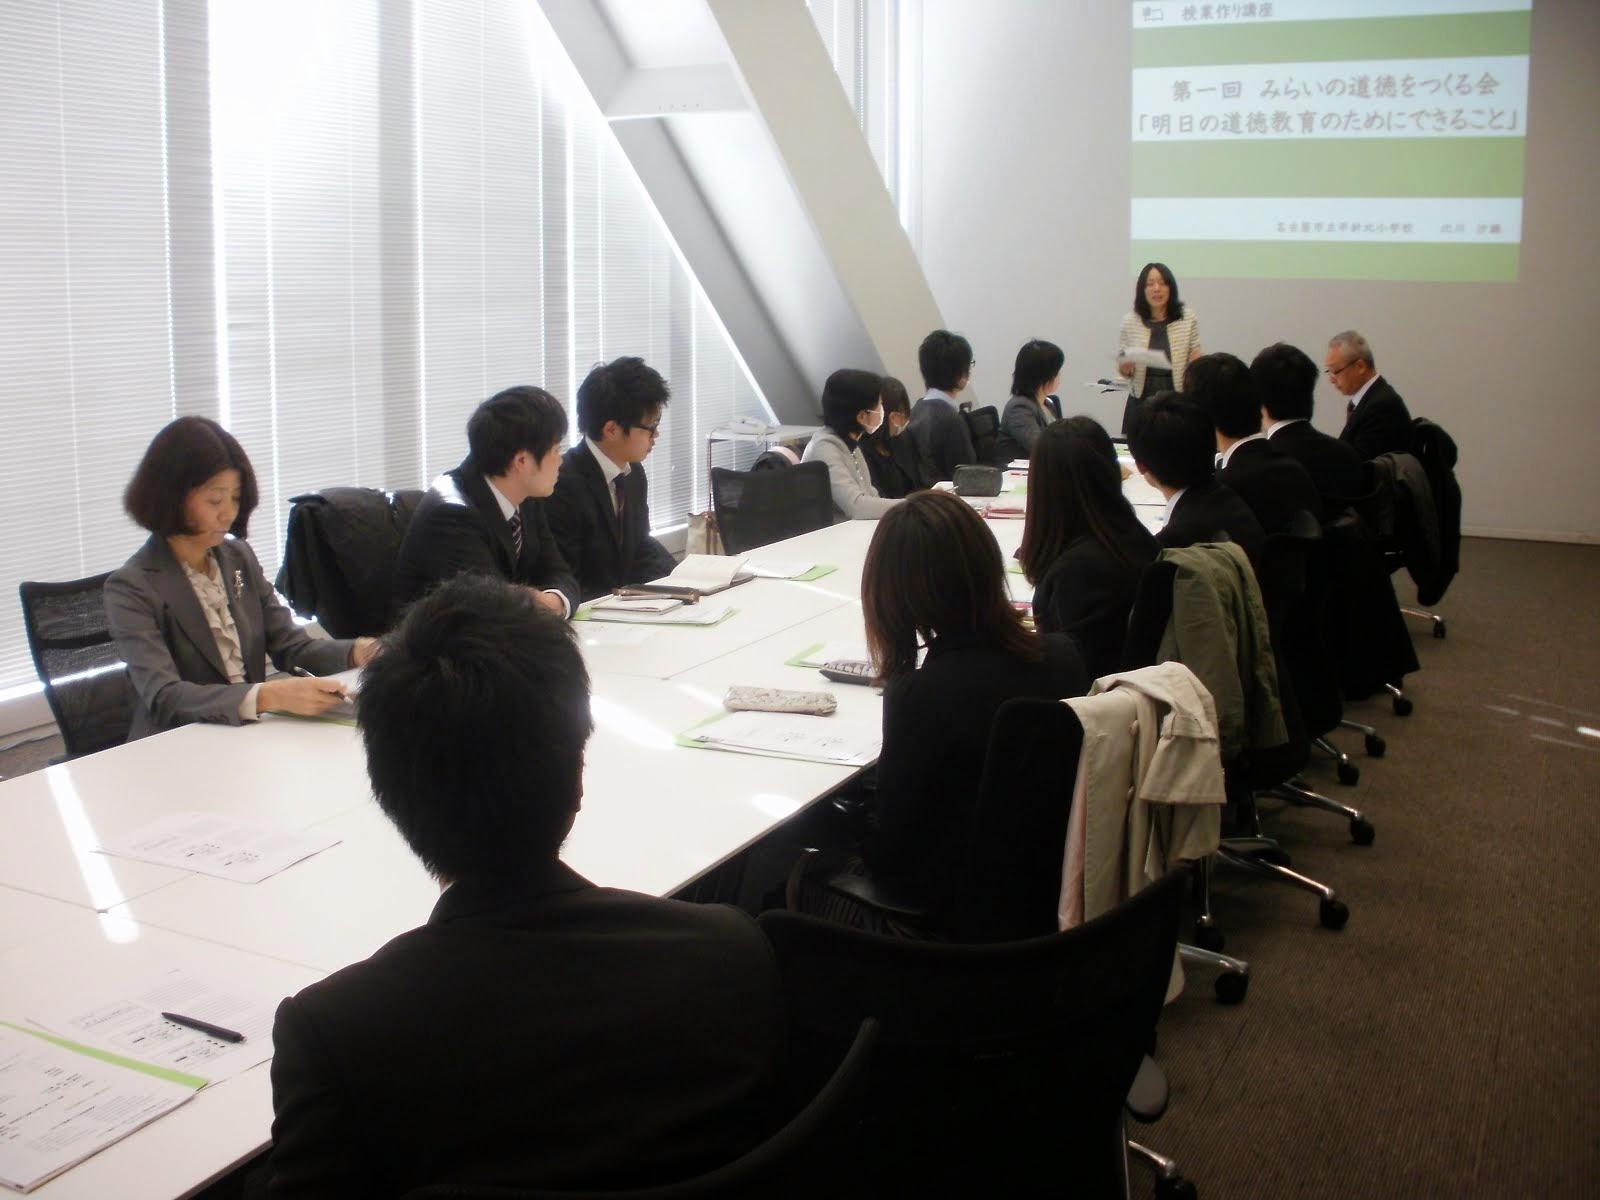 授業づくりコース2014/3/21